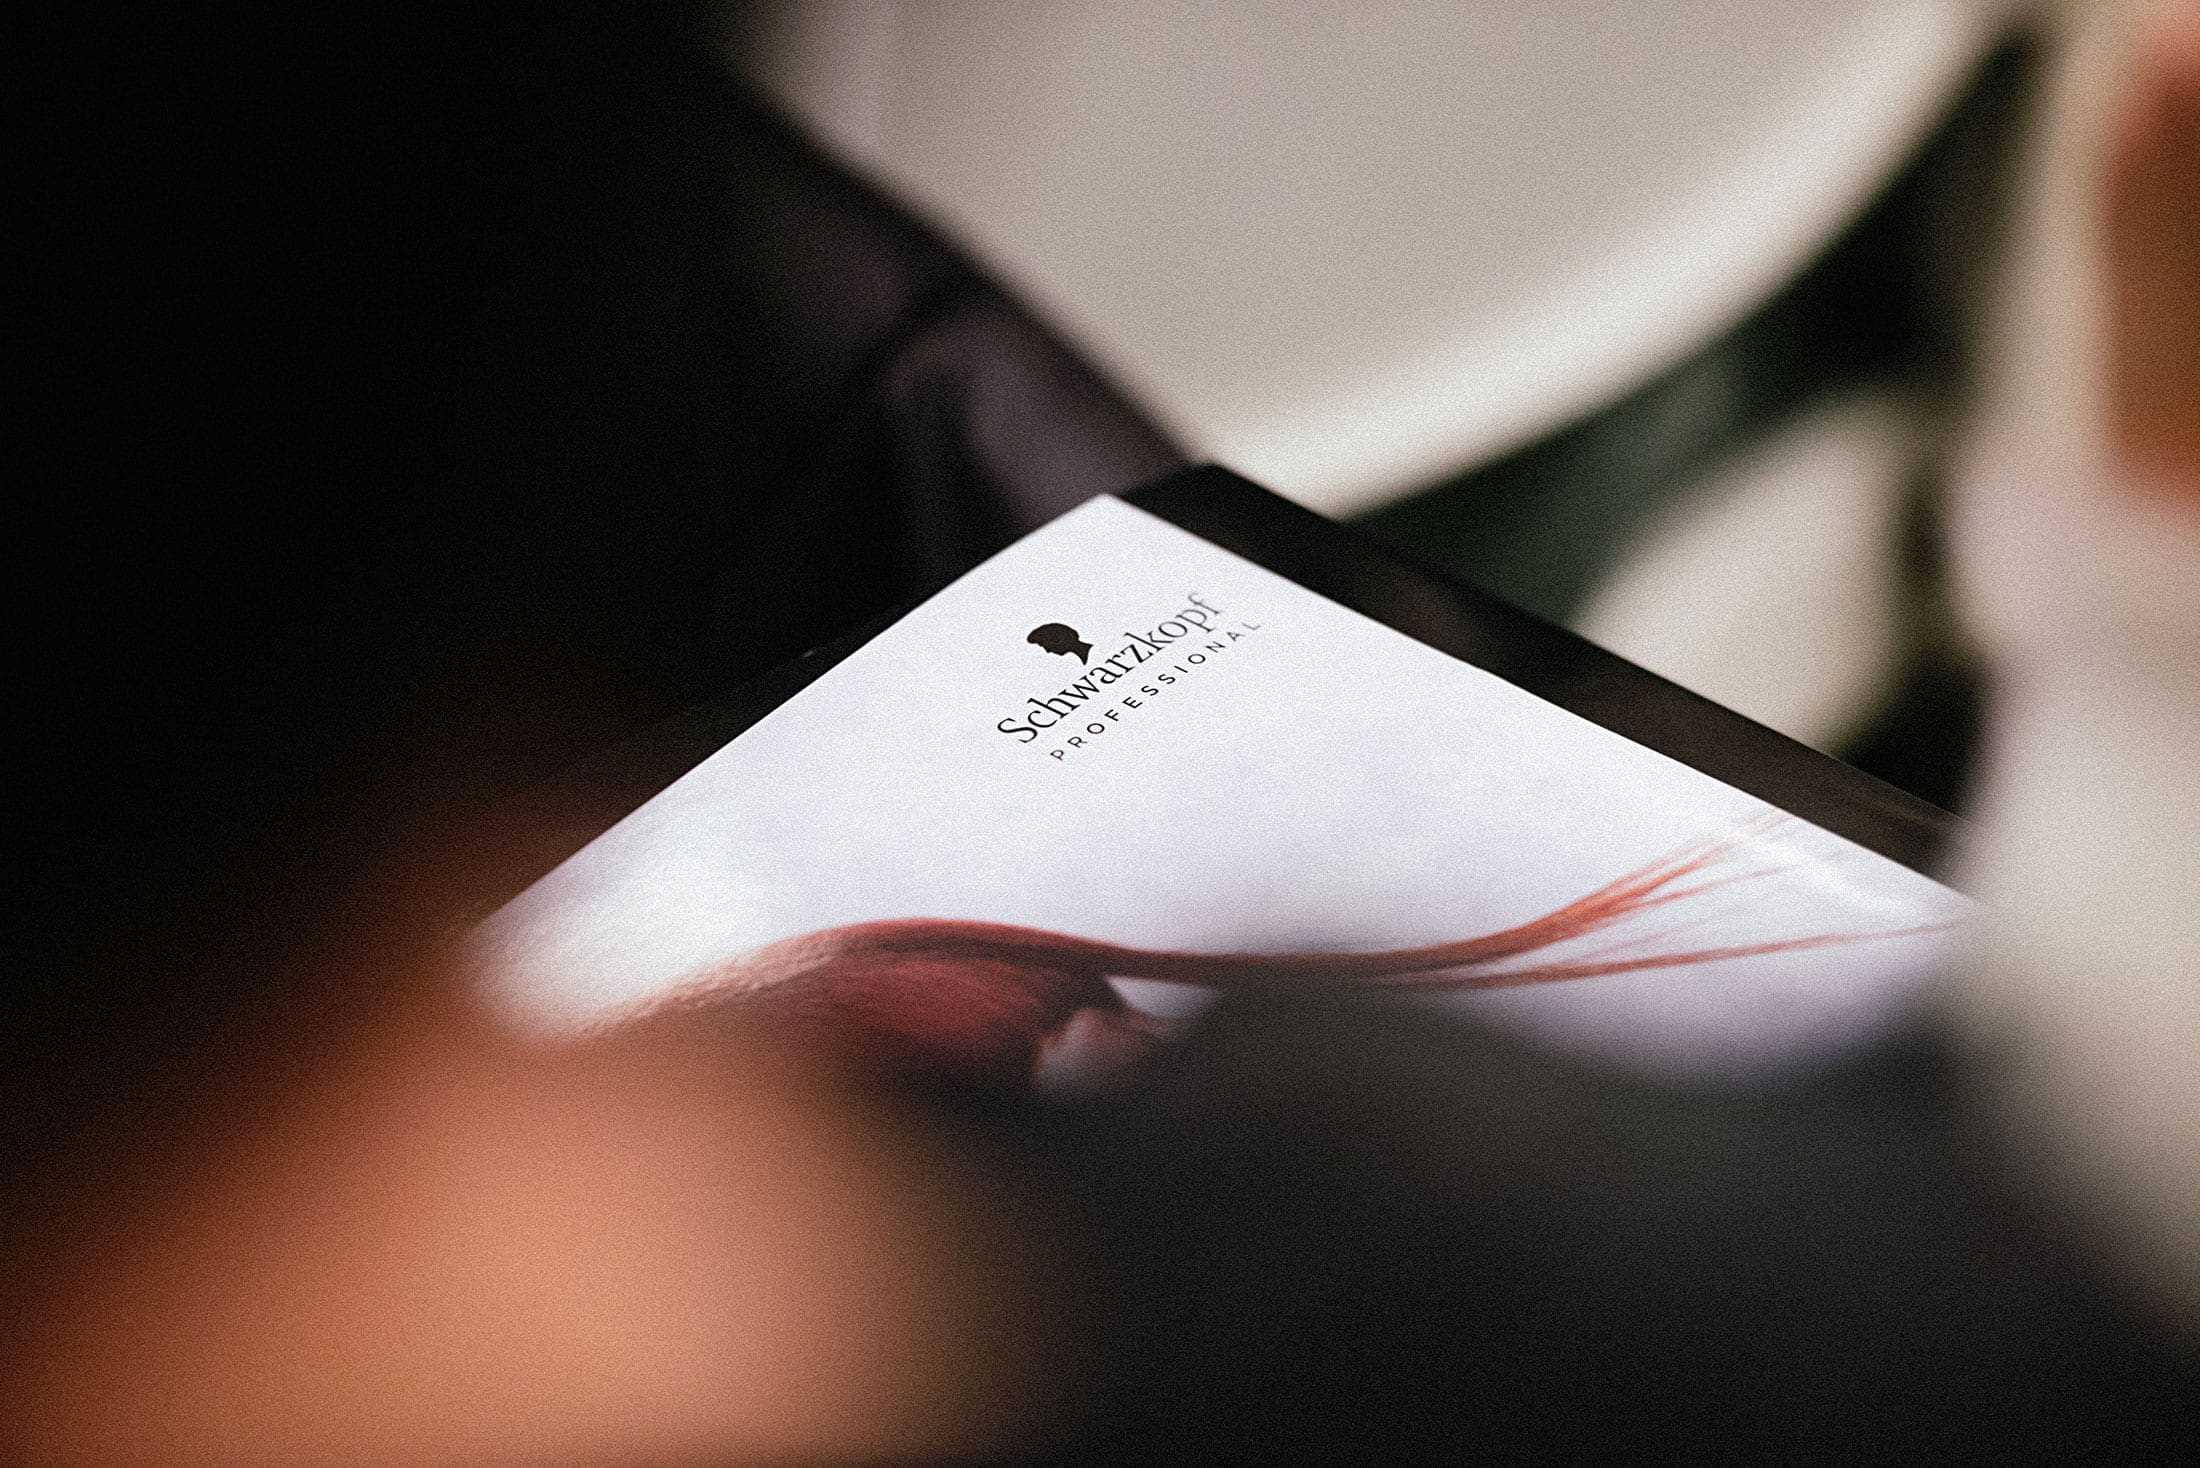 צילום אירוע עסקי - חברת שוורצקופף